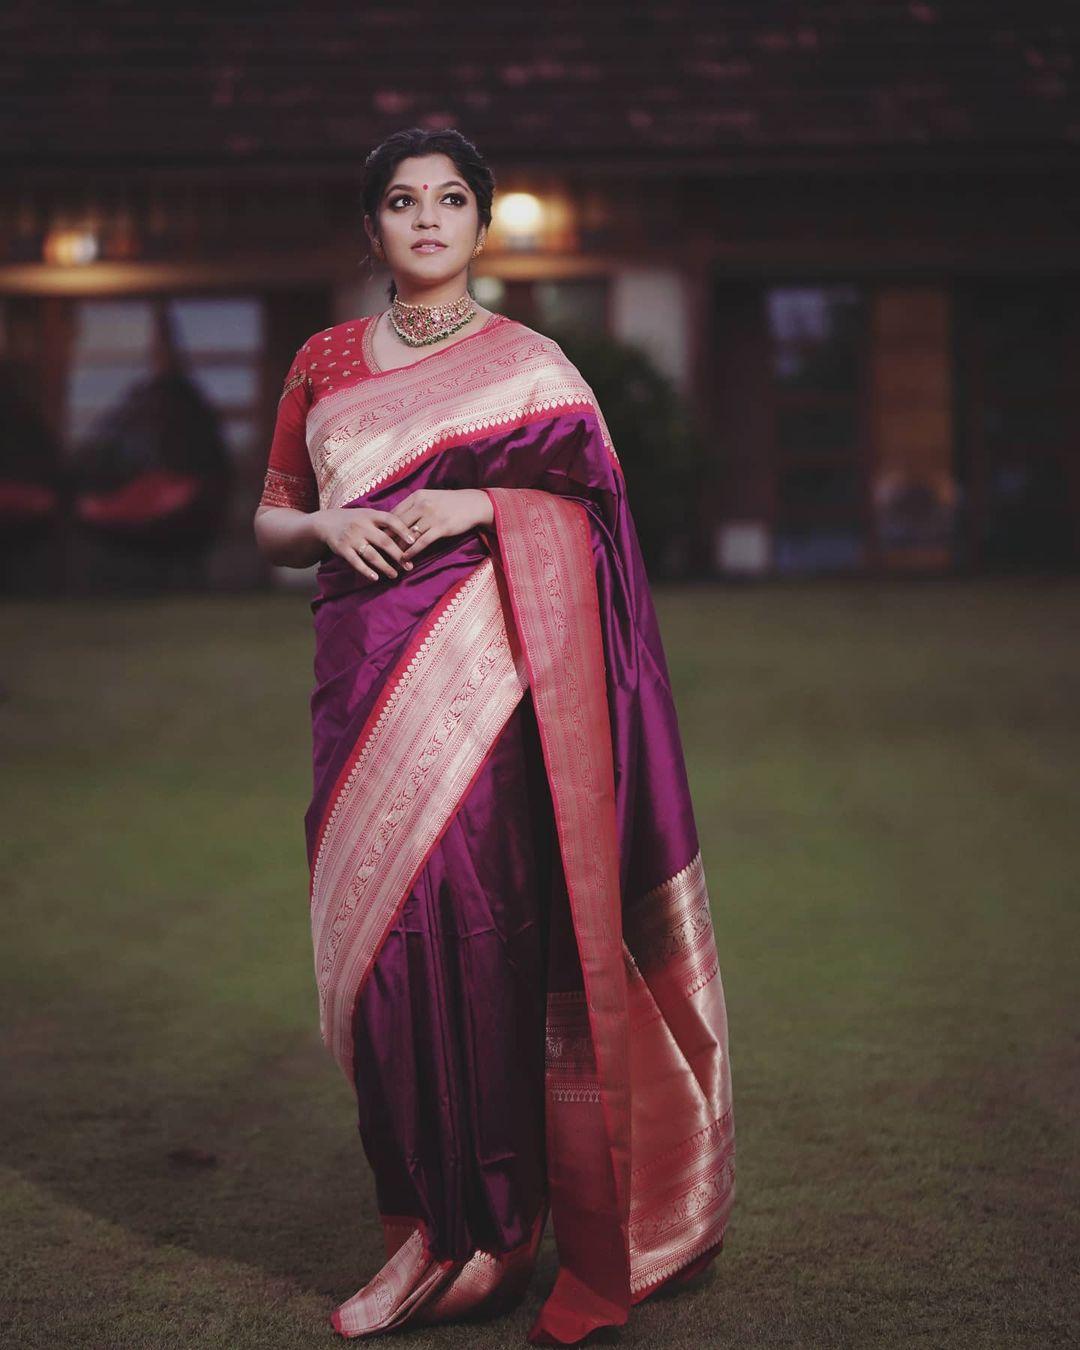 நடிகை அபர்ணா பாலமுரளி (Photo: Instagram)